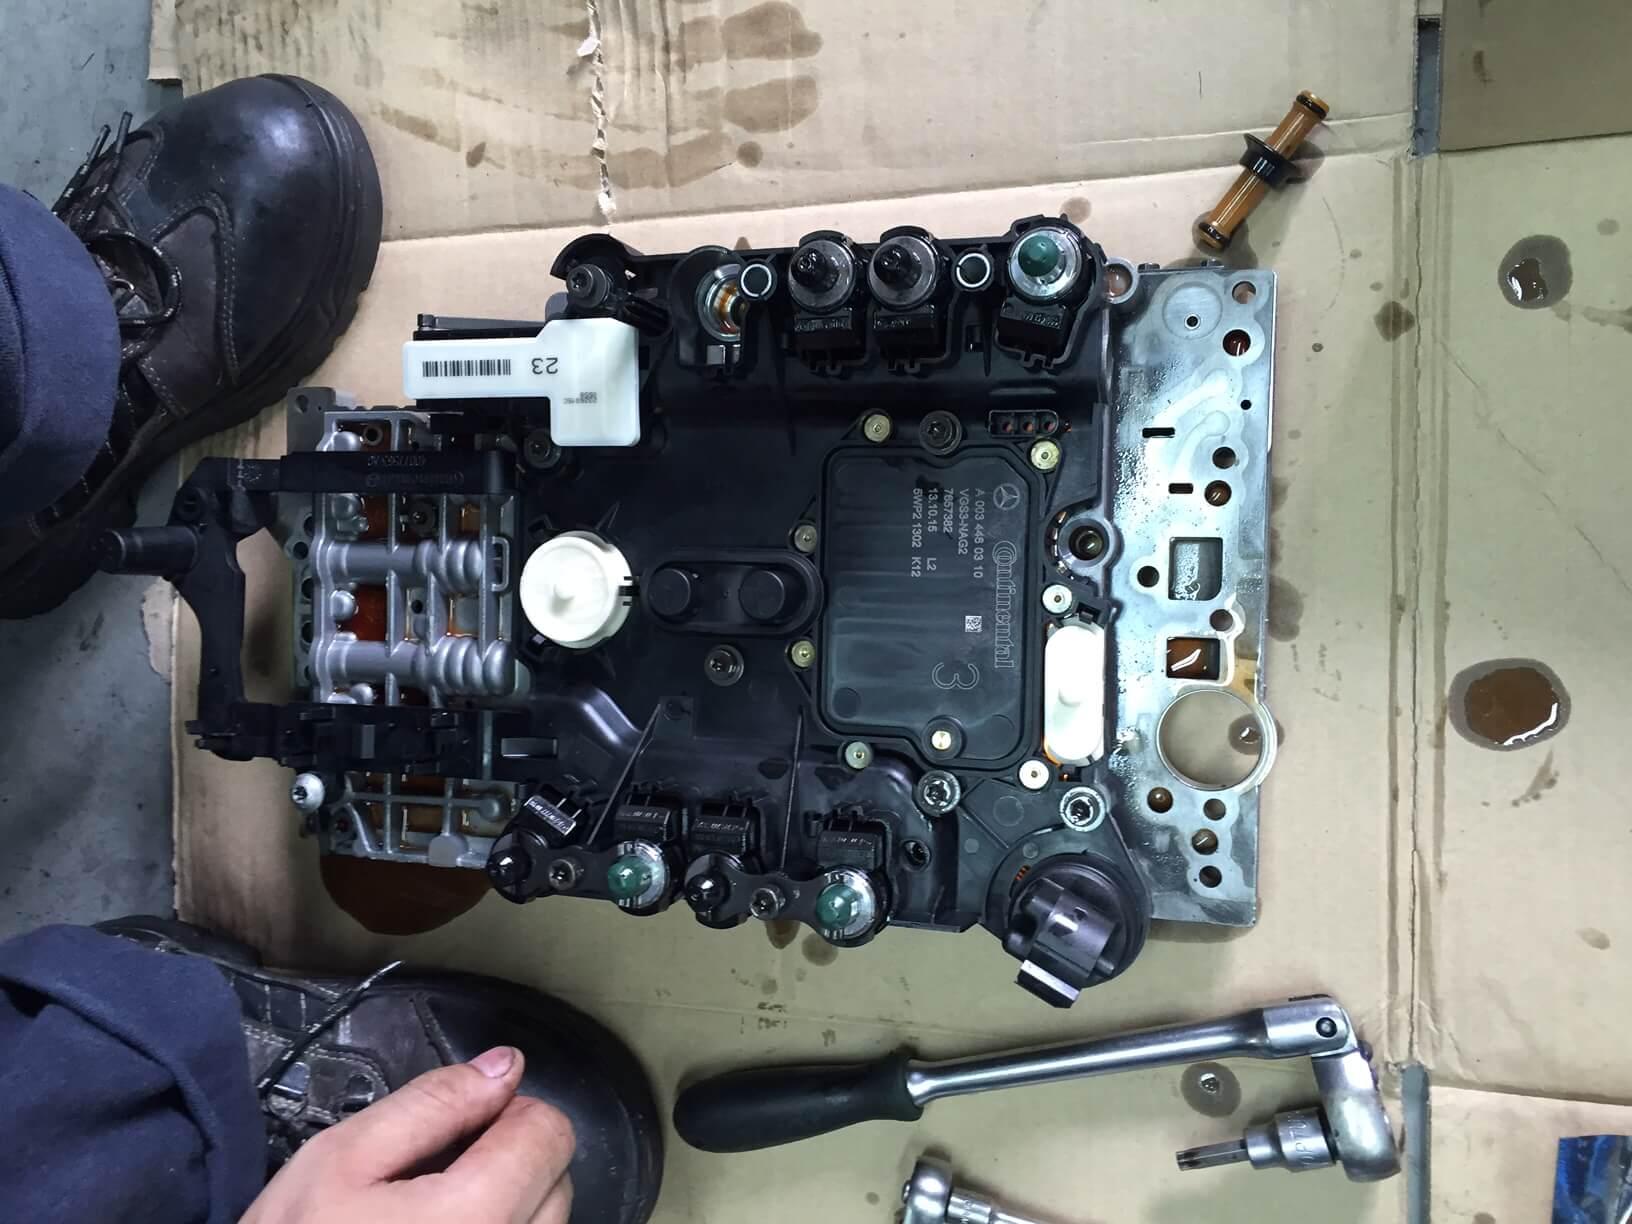 Mercedes Benz CLS350 & E250 Car Repair (Parts Replacement